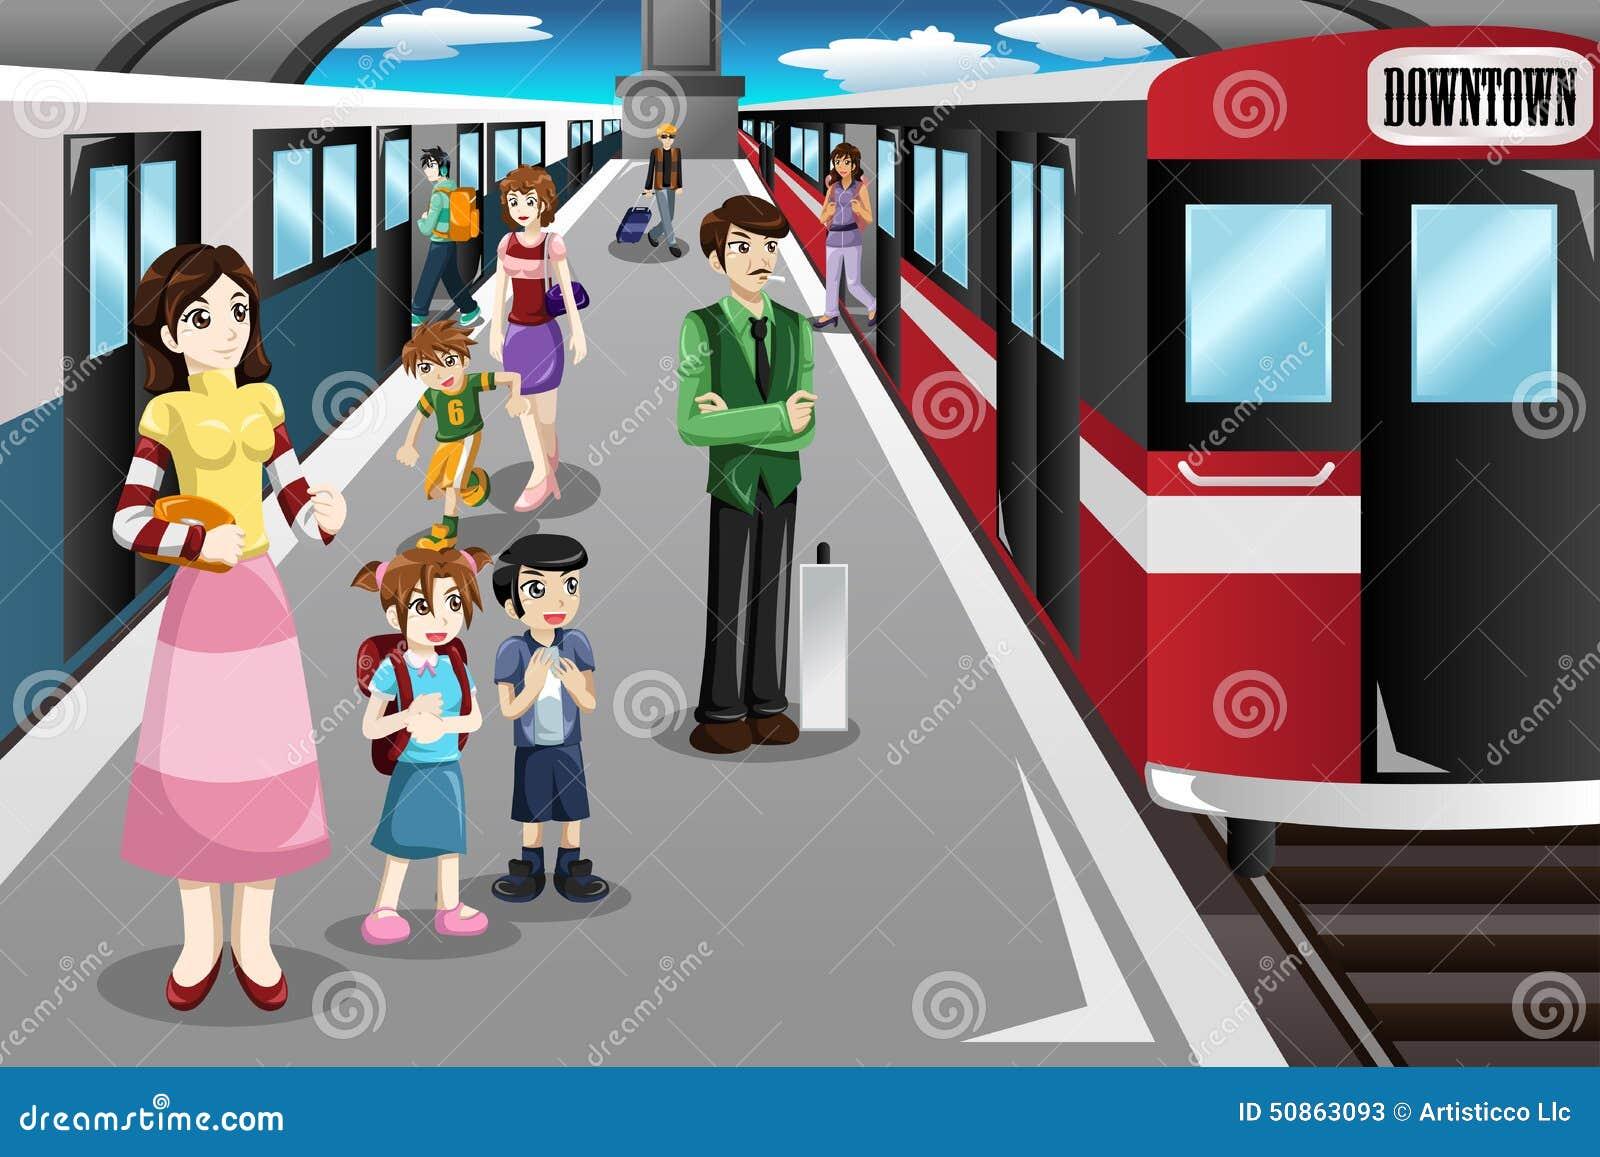 Mensen Die In Een Station Wachten Vector Illustratie ... - photo#24